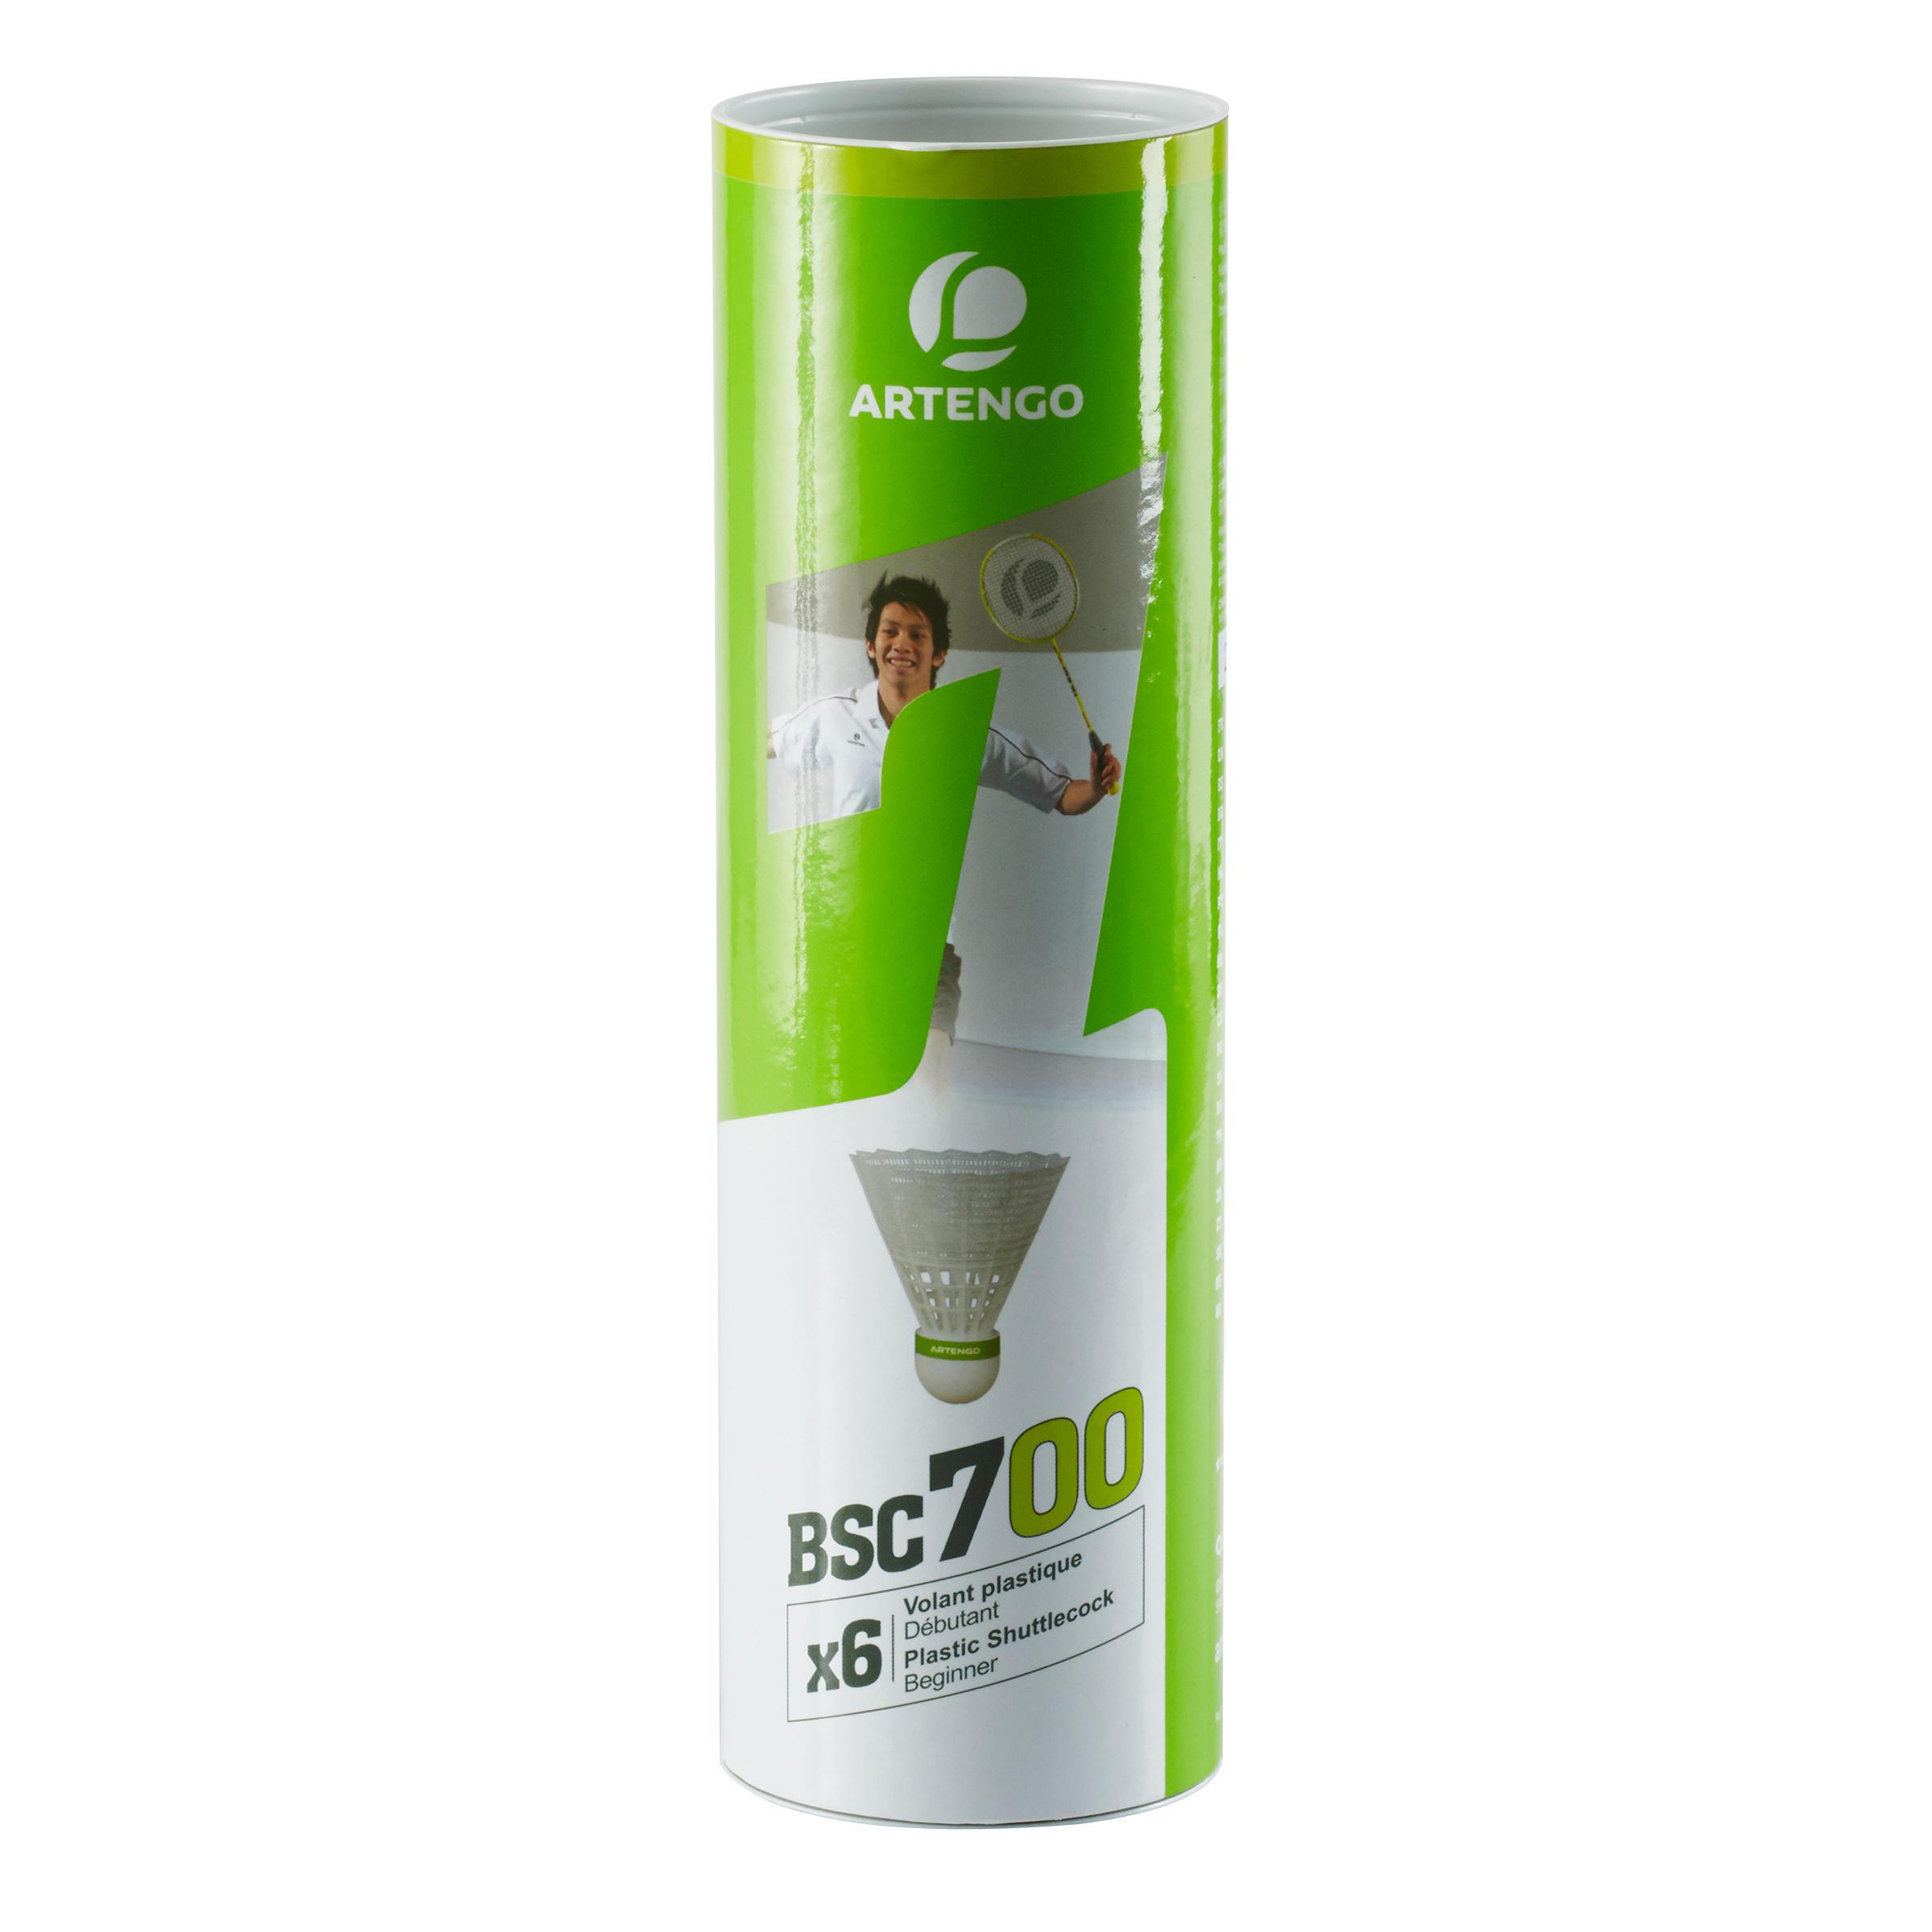 Artengo Badminton shuttle BSC700 wit 6 stuks